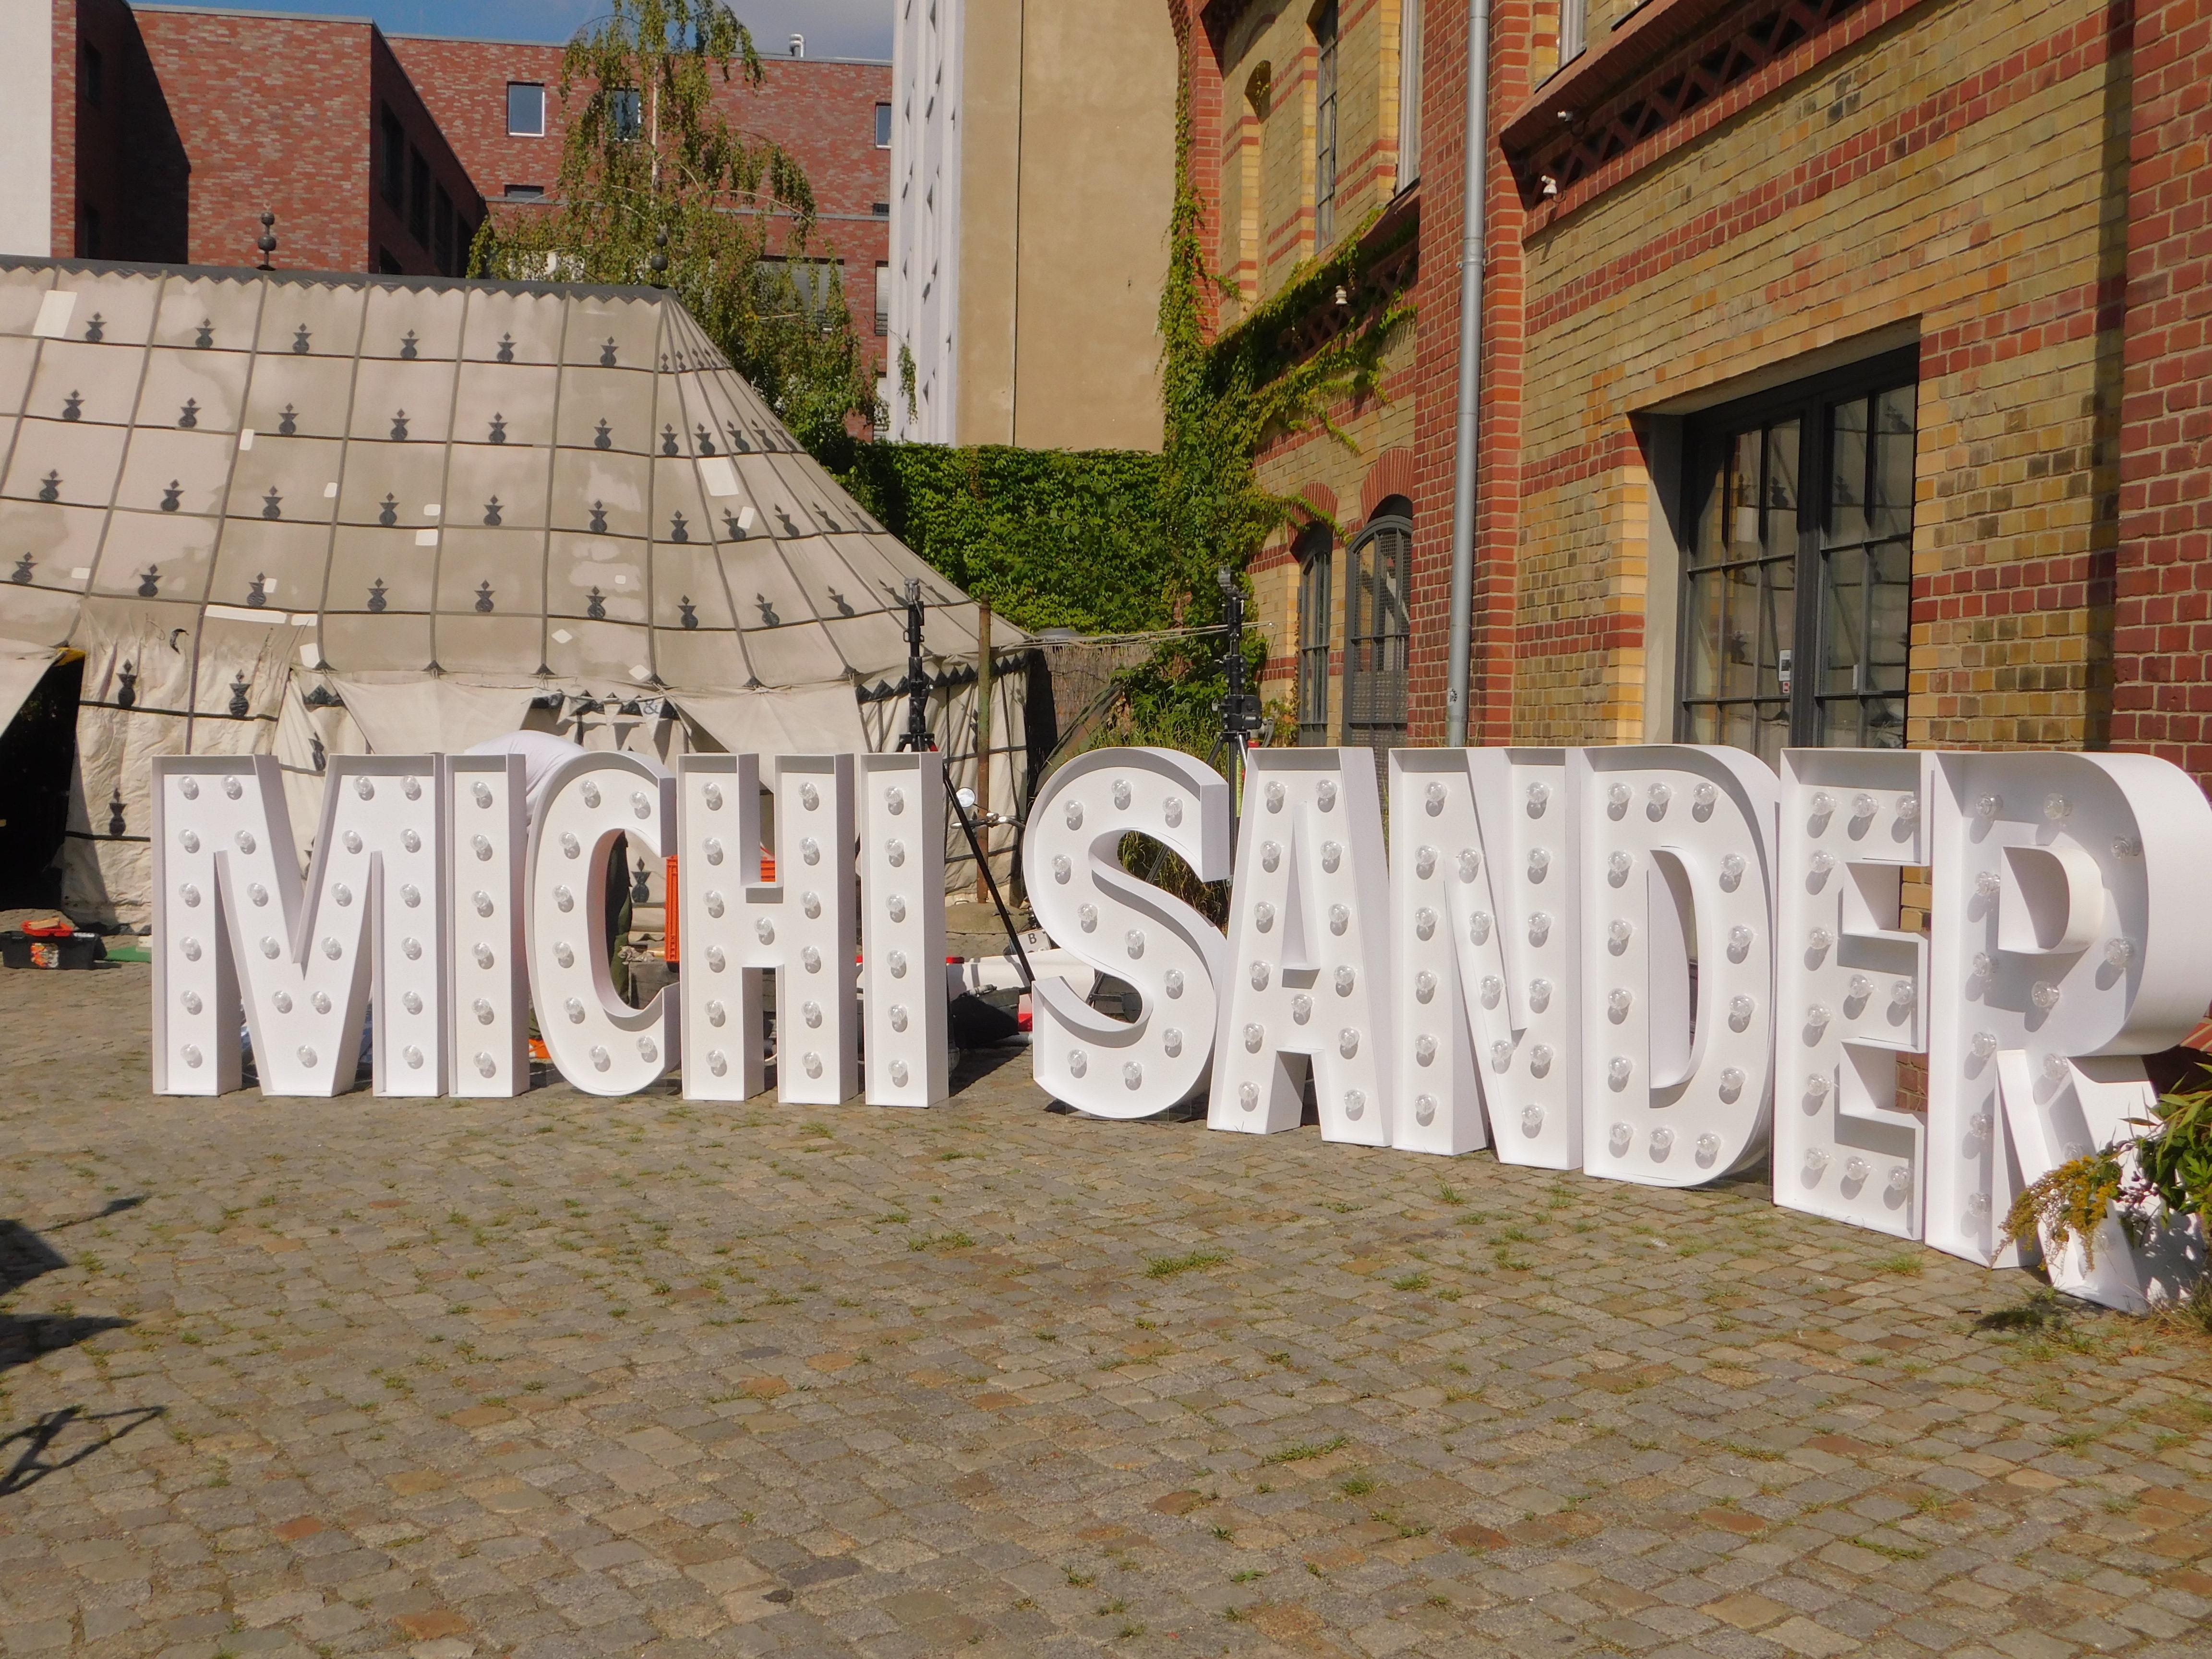 Leuchtbuchstaben partydeko berlin for Partydekoration berlin